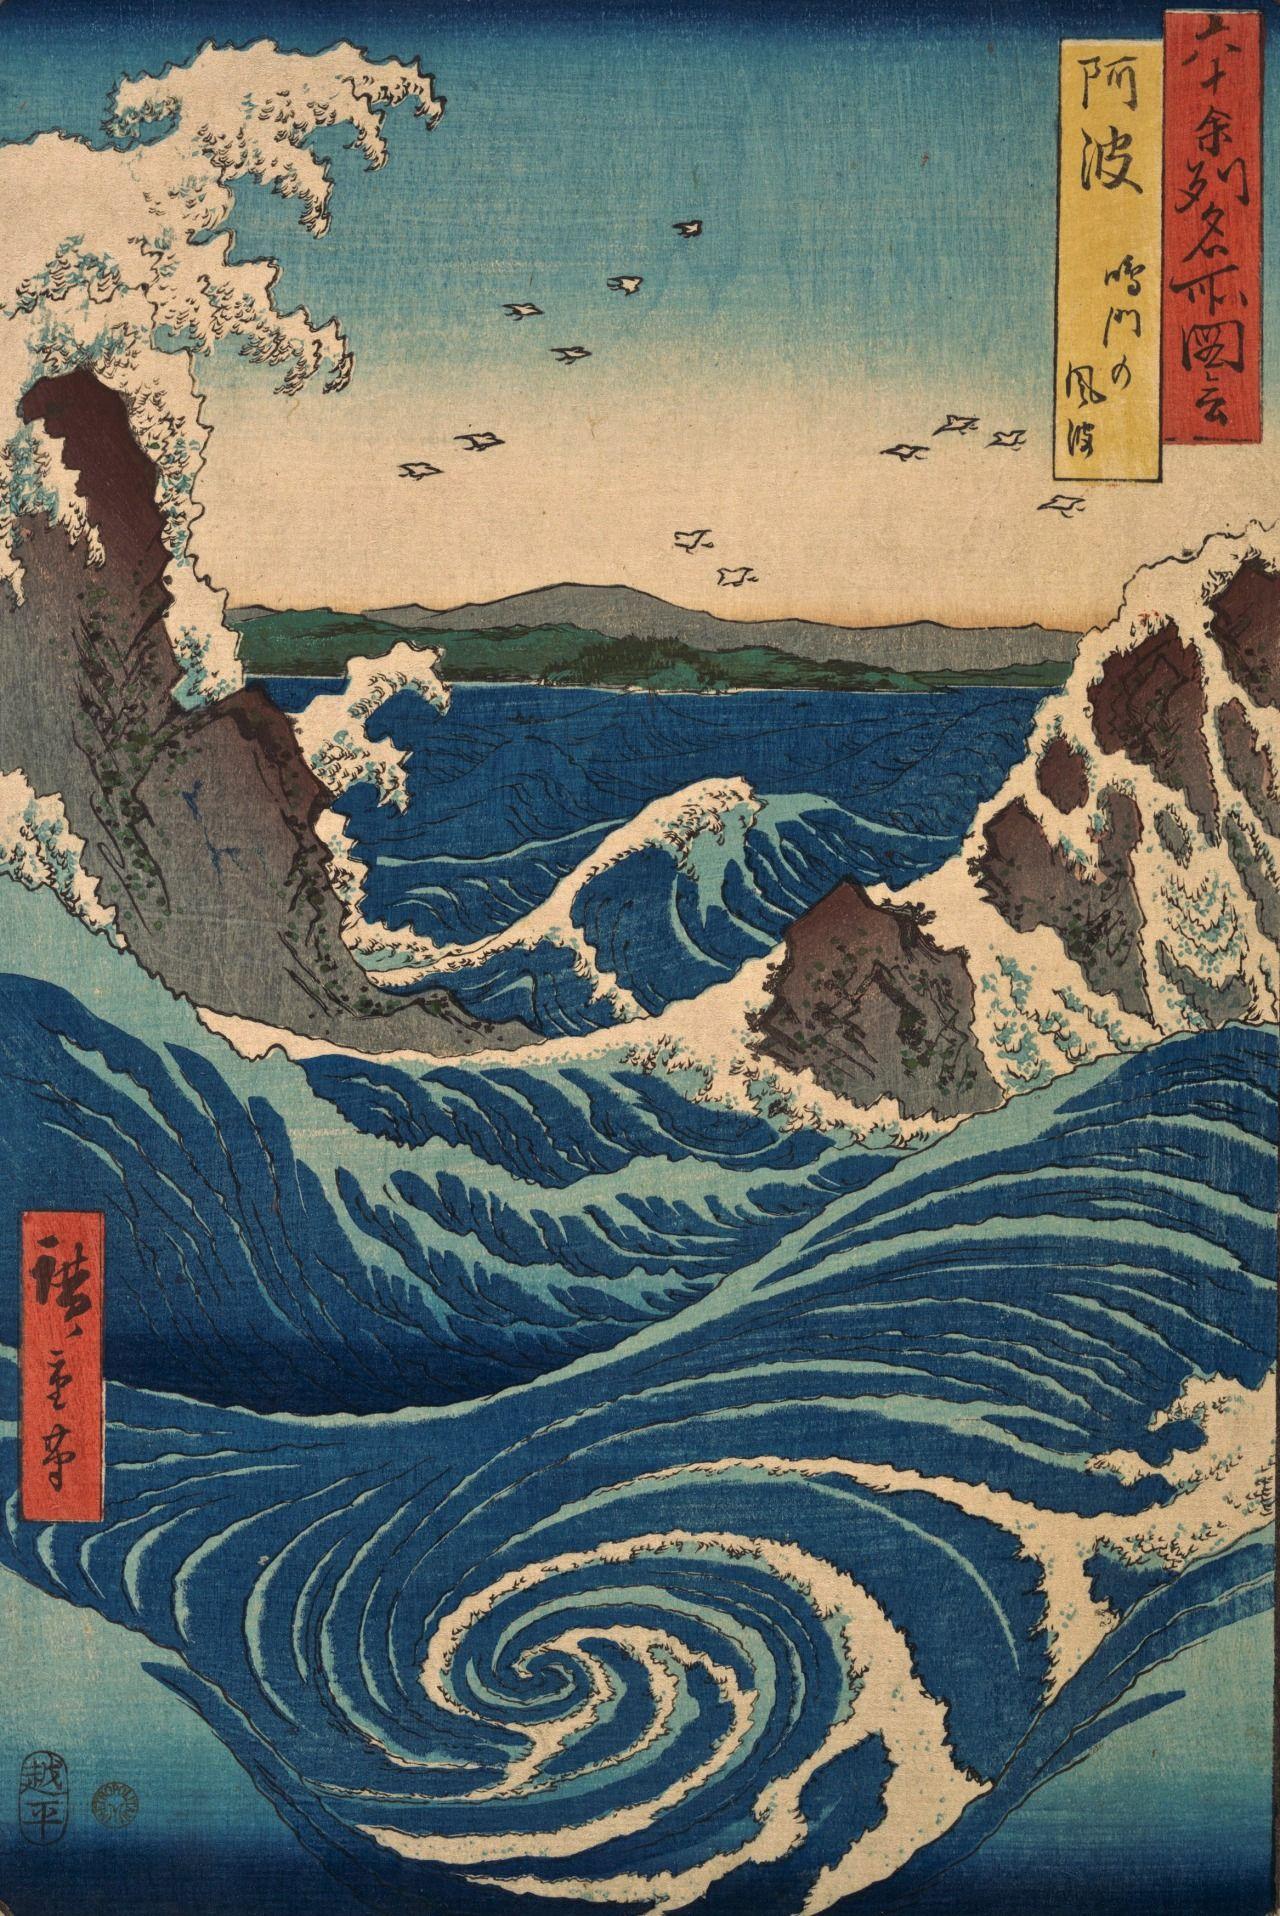 Utagawa Hiroshige. Naruto Whirlpool Awa Province. 1853